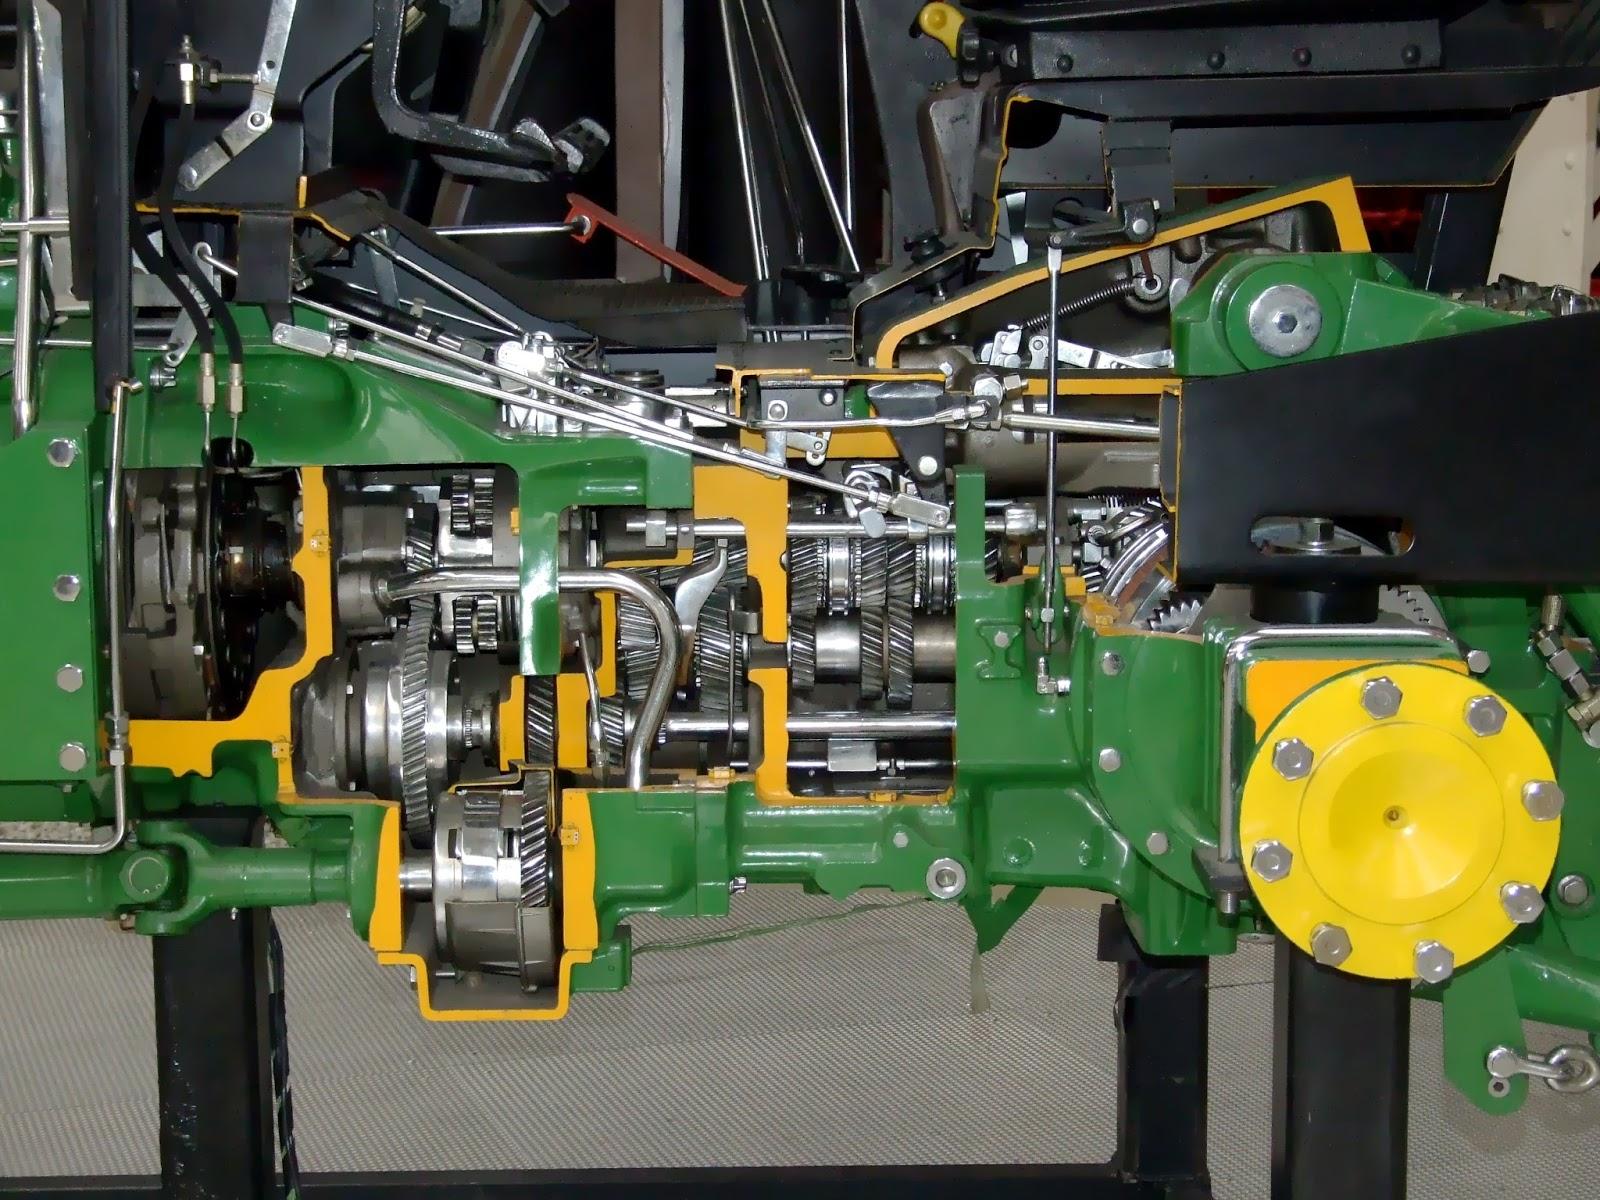 Tractor Transmission System : Más que máquinas agrícolas transmisiones de tractor